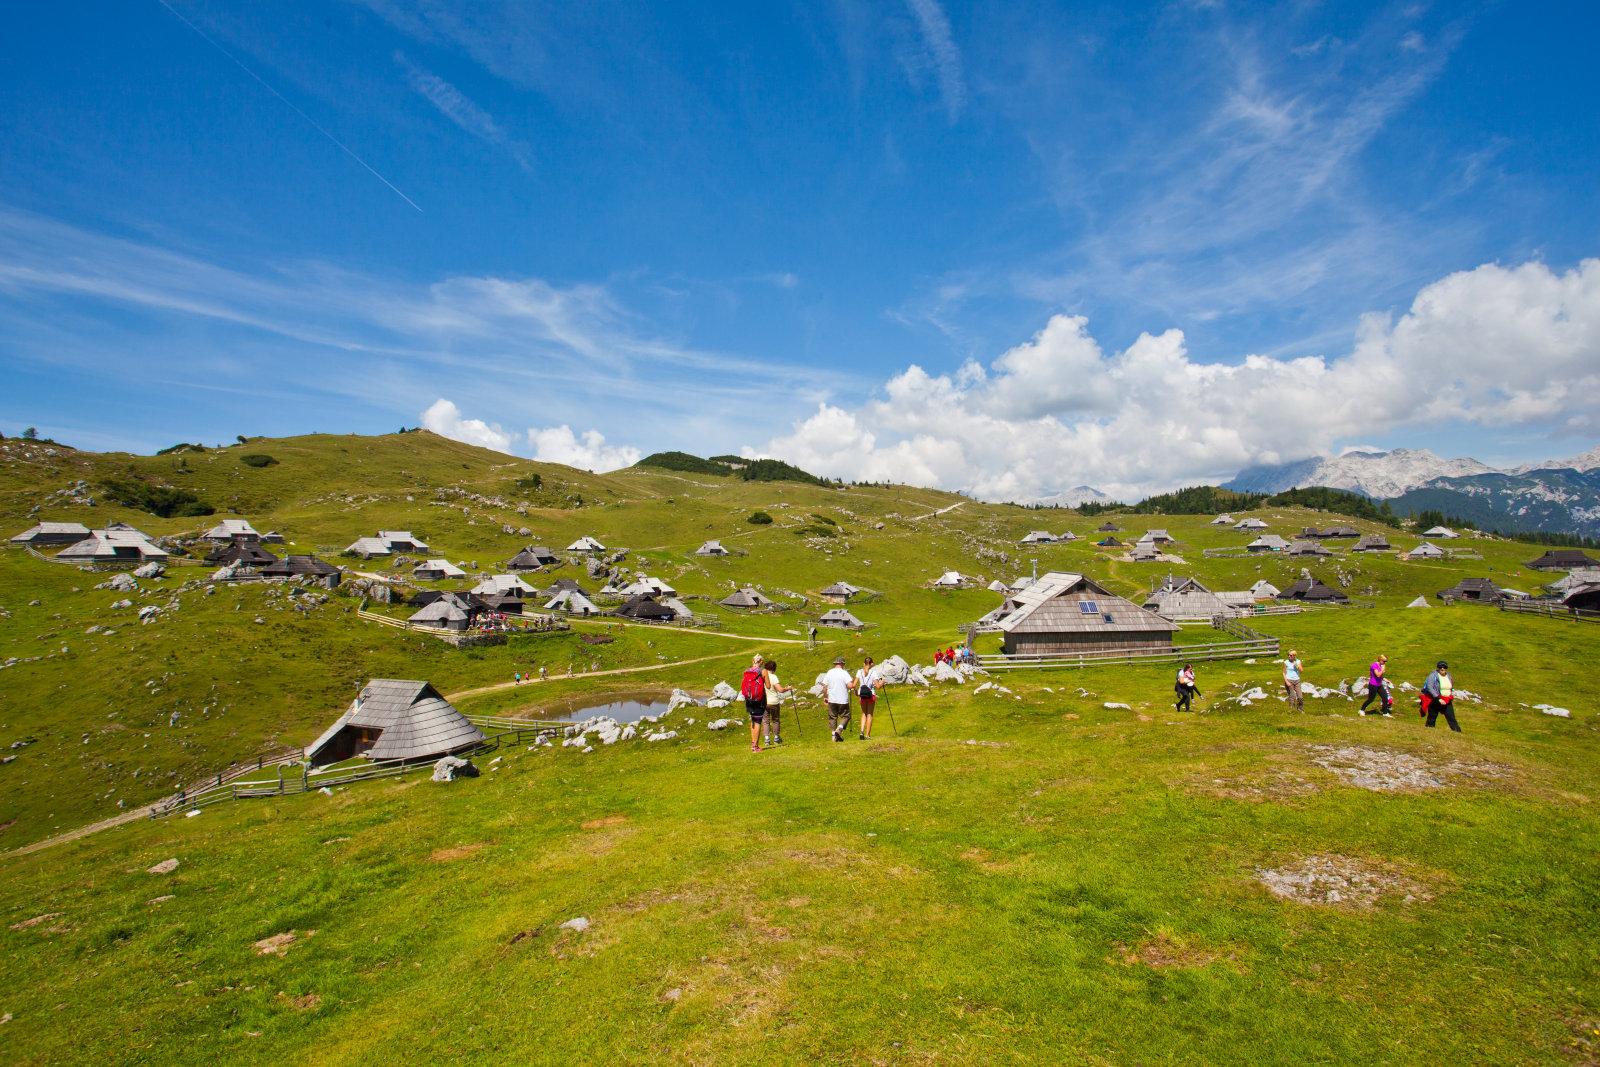 velika-planina-pasture